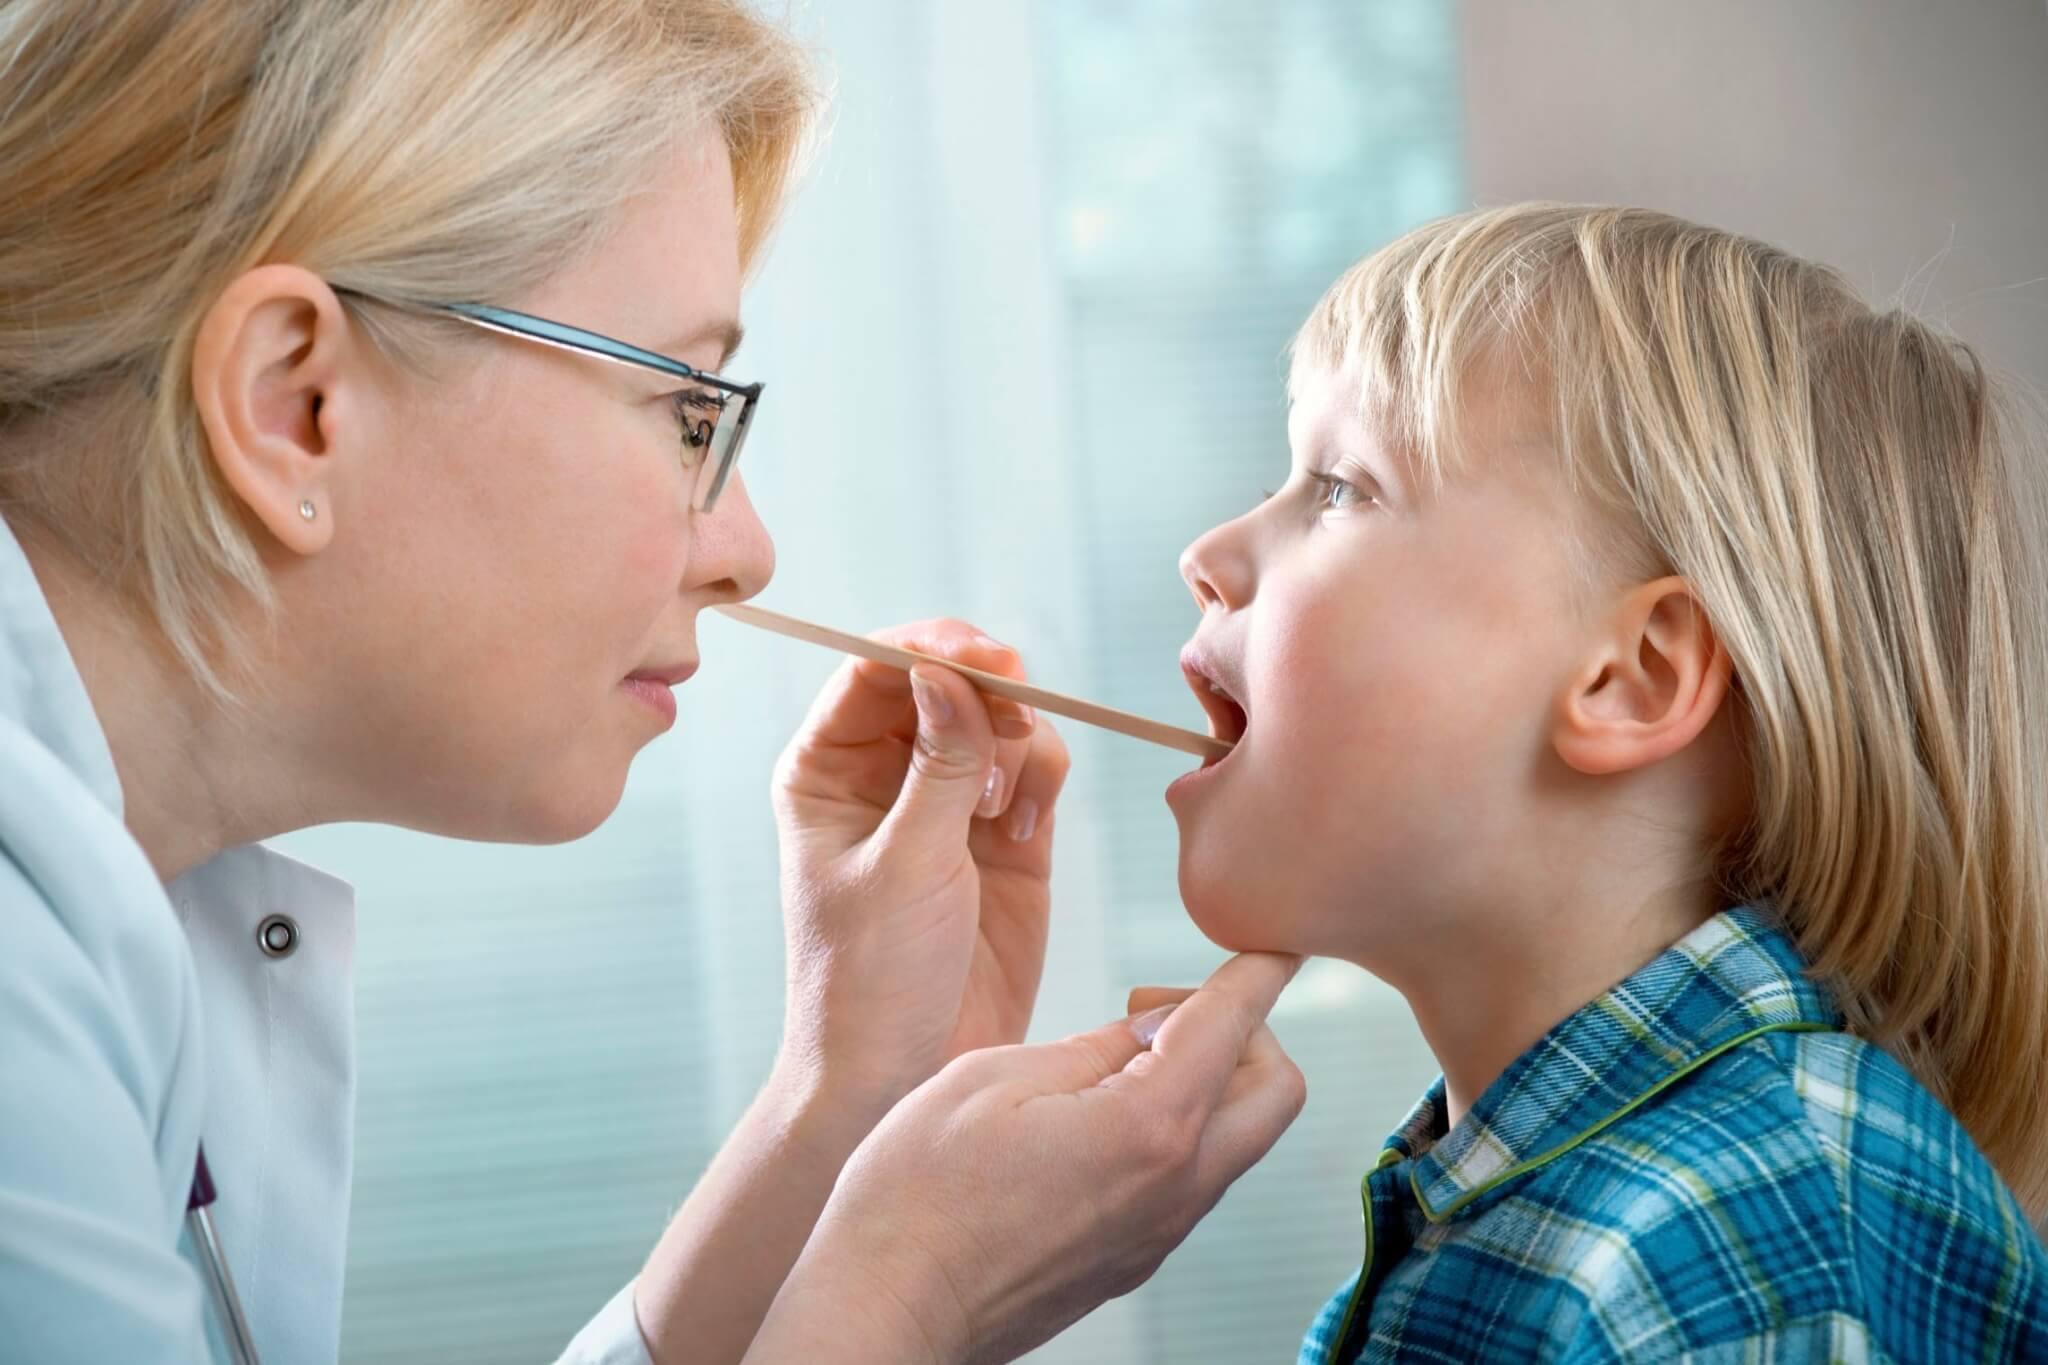 герпетический стоматит у детей, его особенности